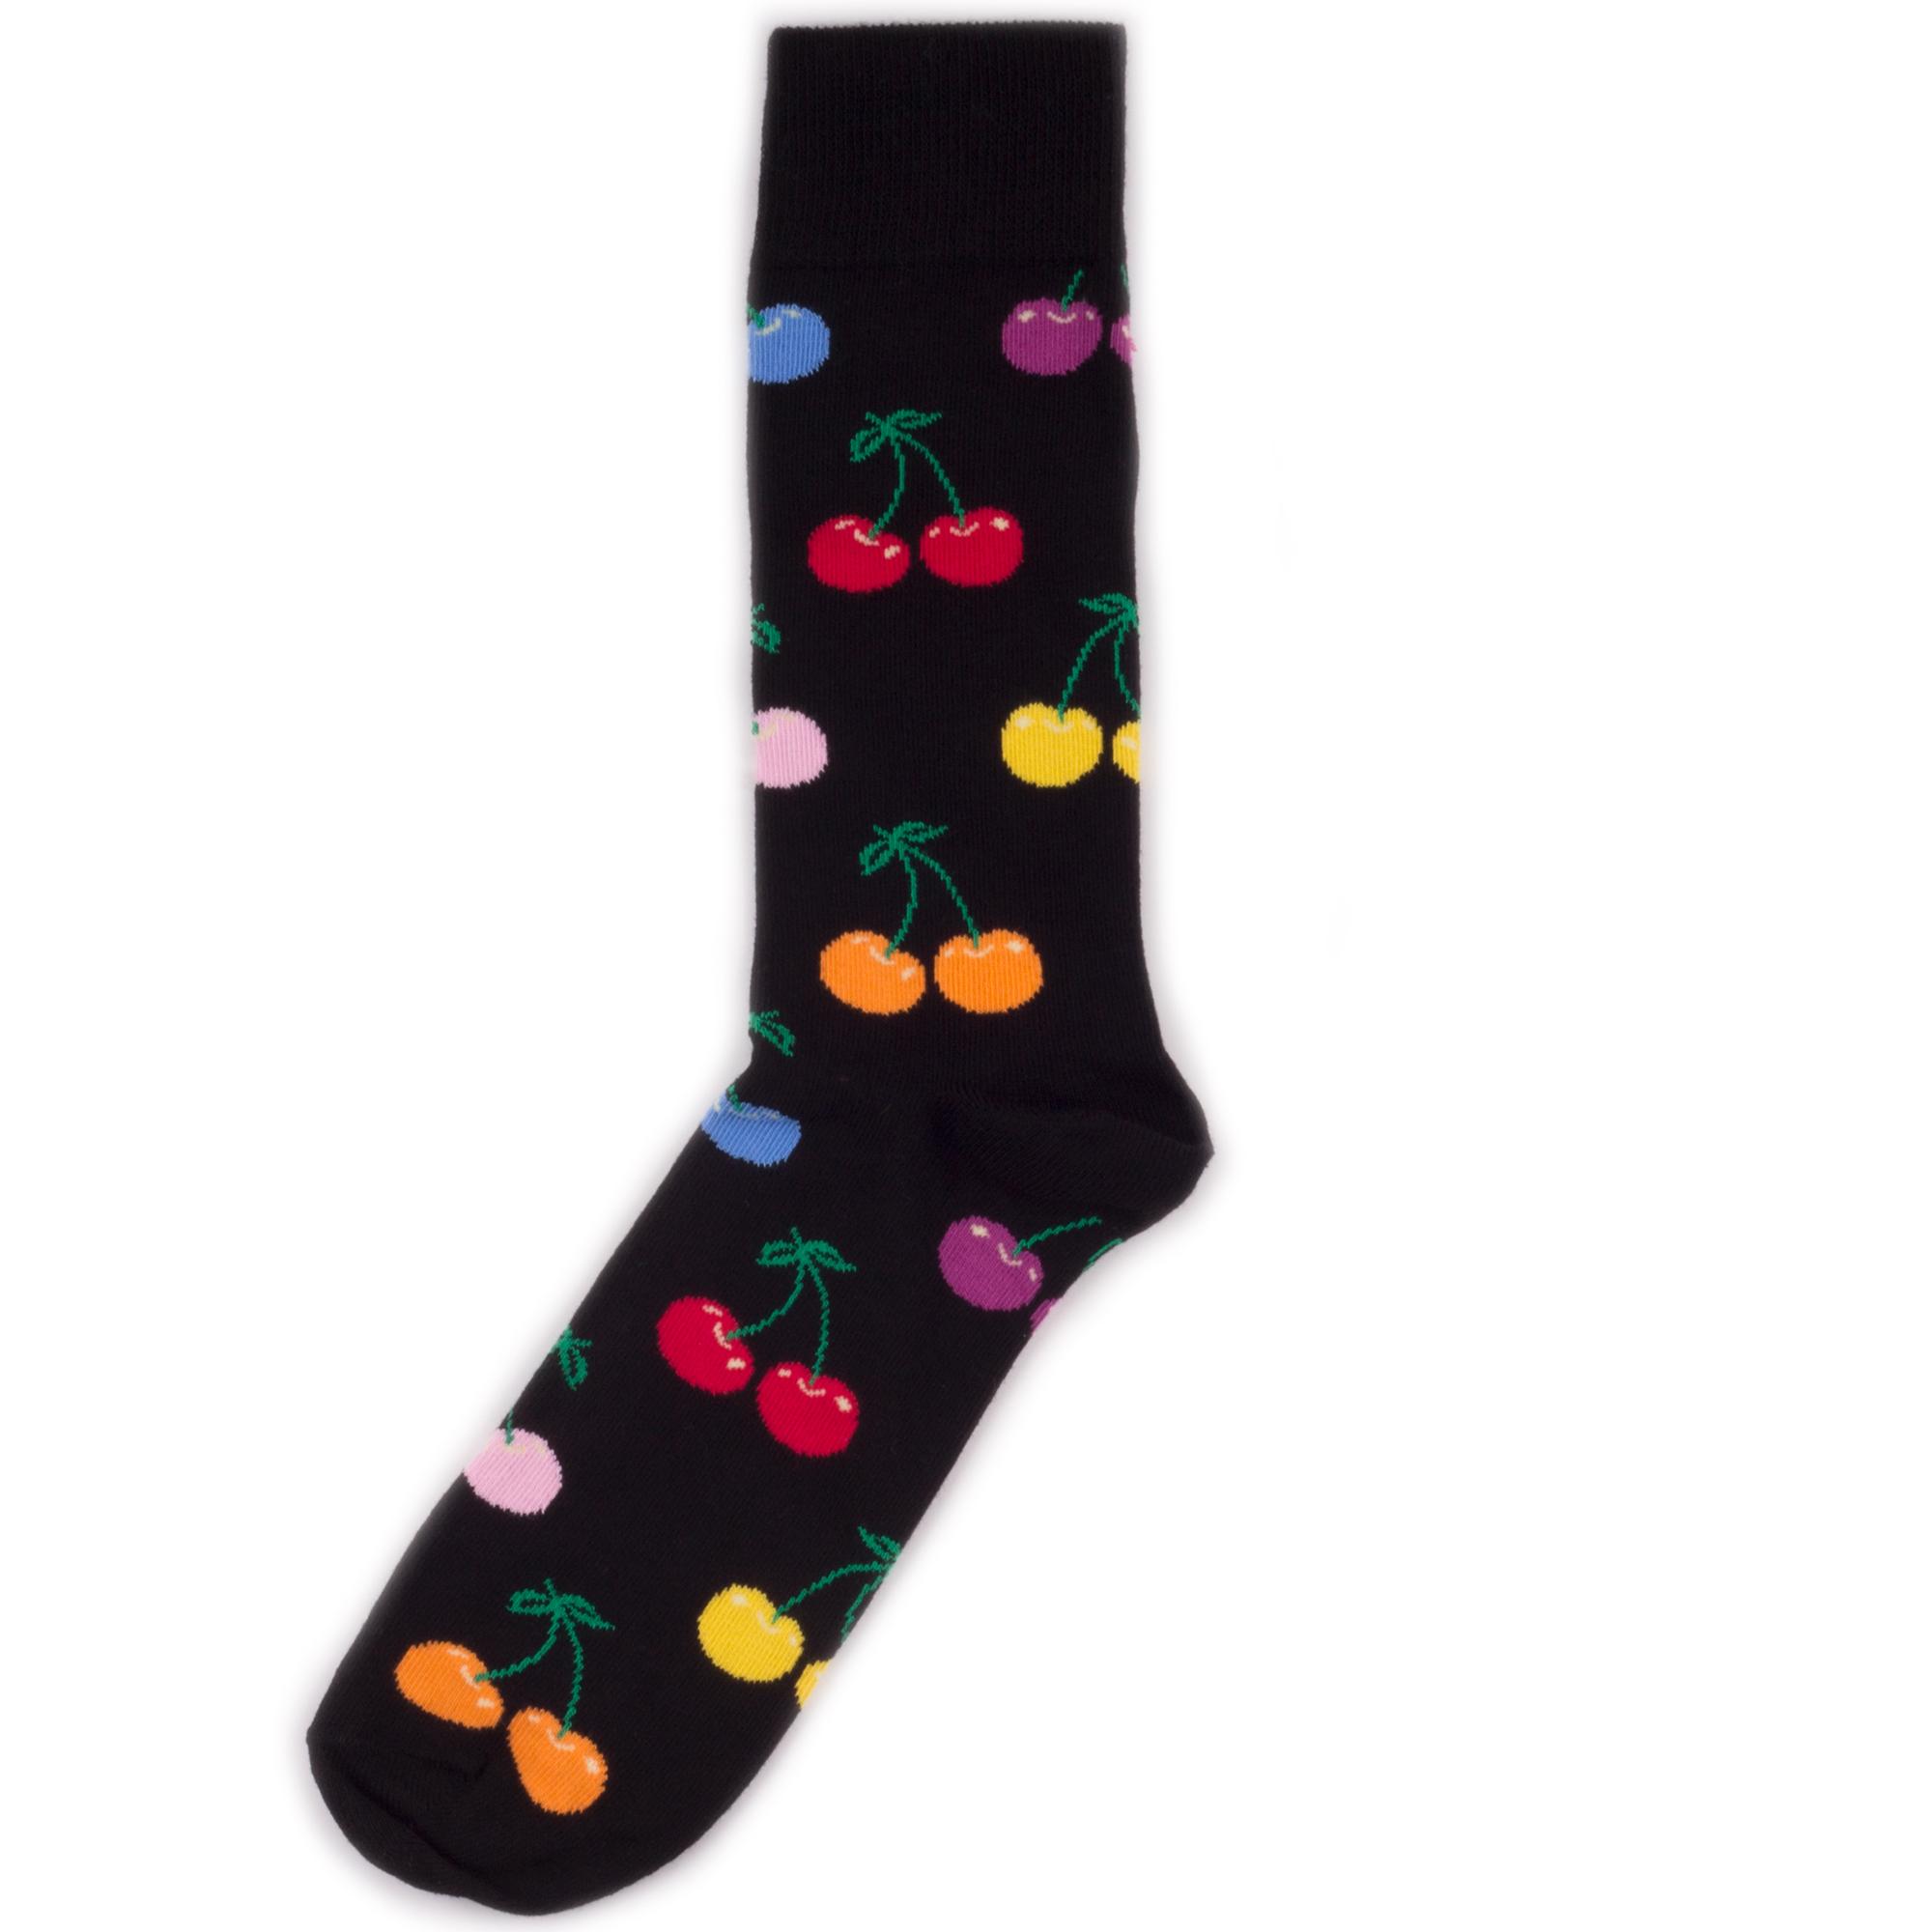 Носки унисекс Happy Socks Happy Socks Cherry - Multicolor разноцветные 36-40